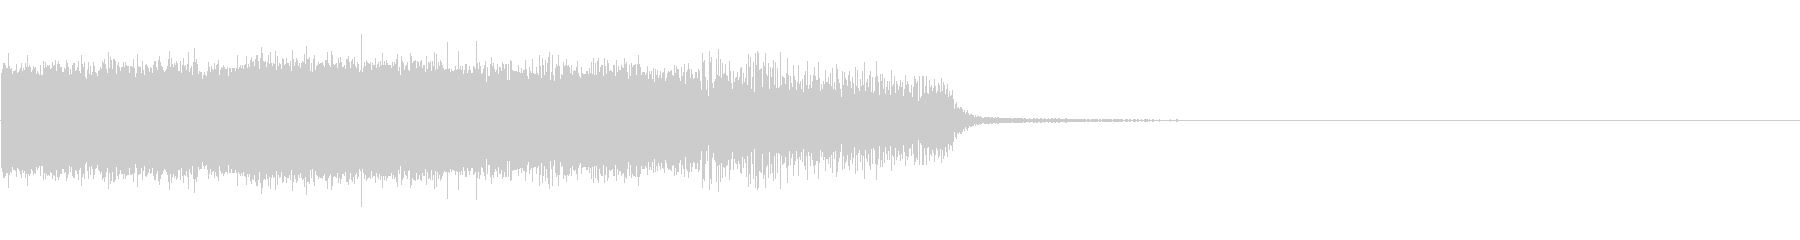 エレクトリックギター、(弦楽器の上...の未再生の波形